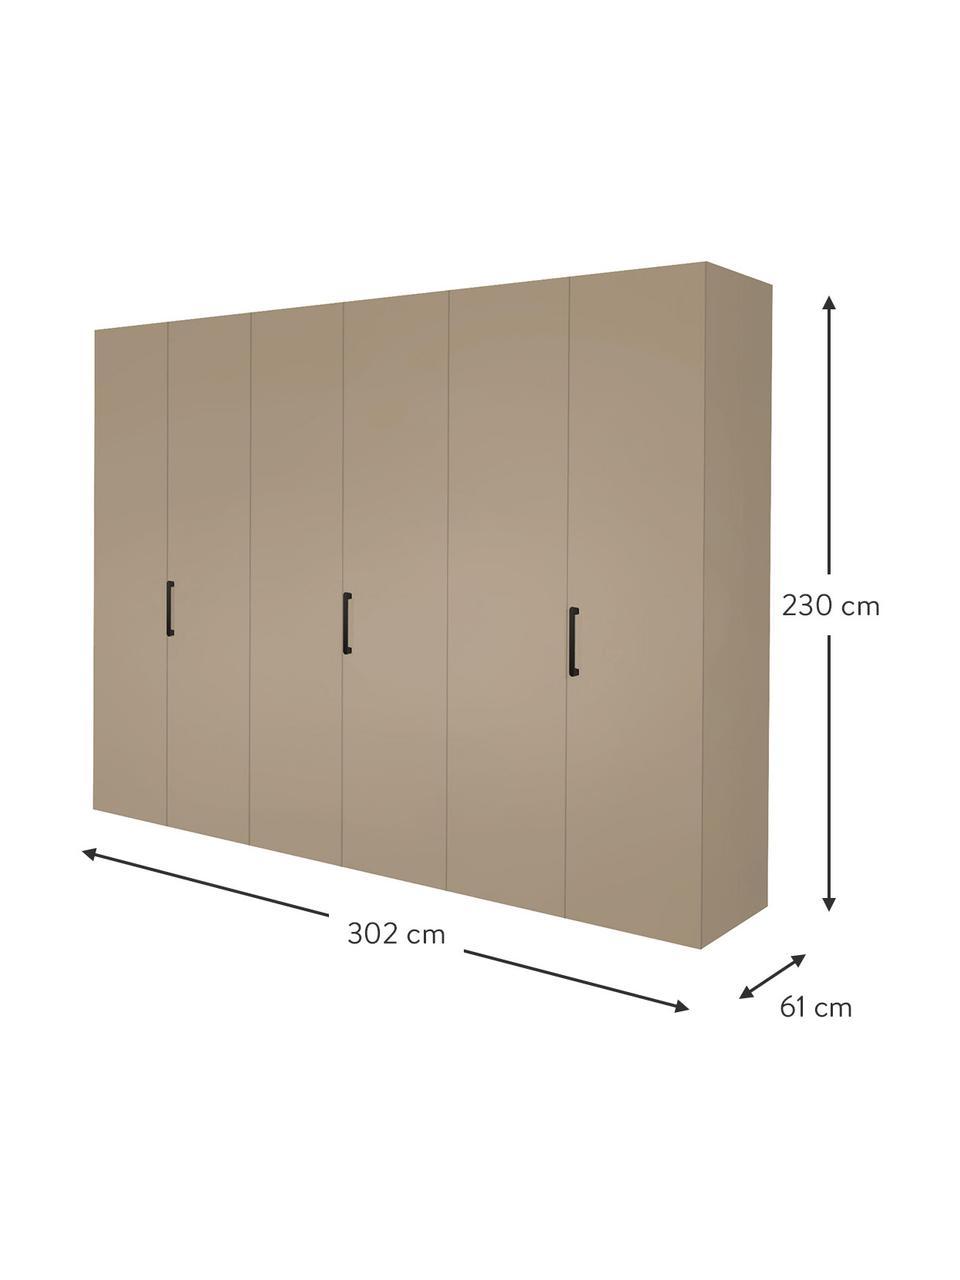 Kledingkast Madison in beige, 6 deuren, Frame: panelen op houtbasis, gel, Zandkleurig, 302 x 230 cm